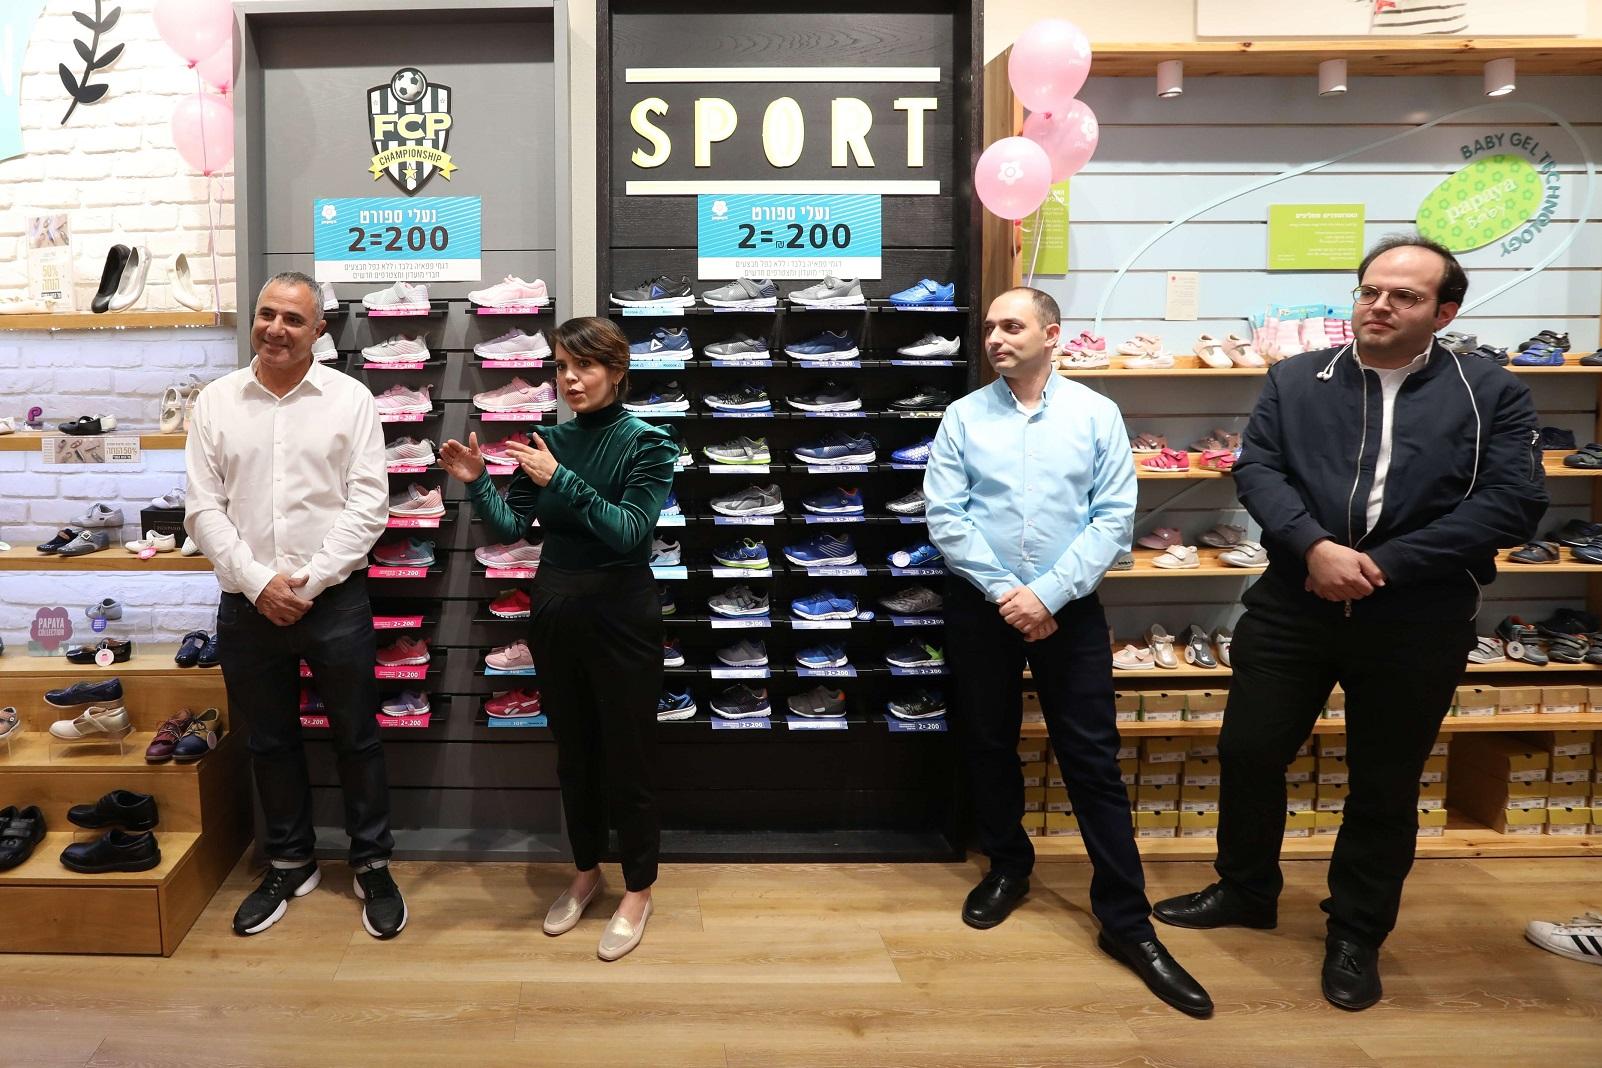 תקציב חדש למילר פוינט: מותג נעלי הילדים 'פפאיה' 2